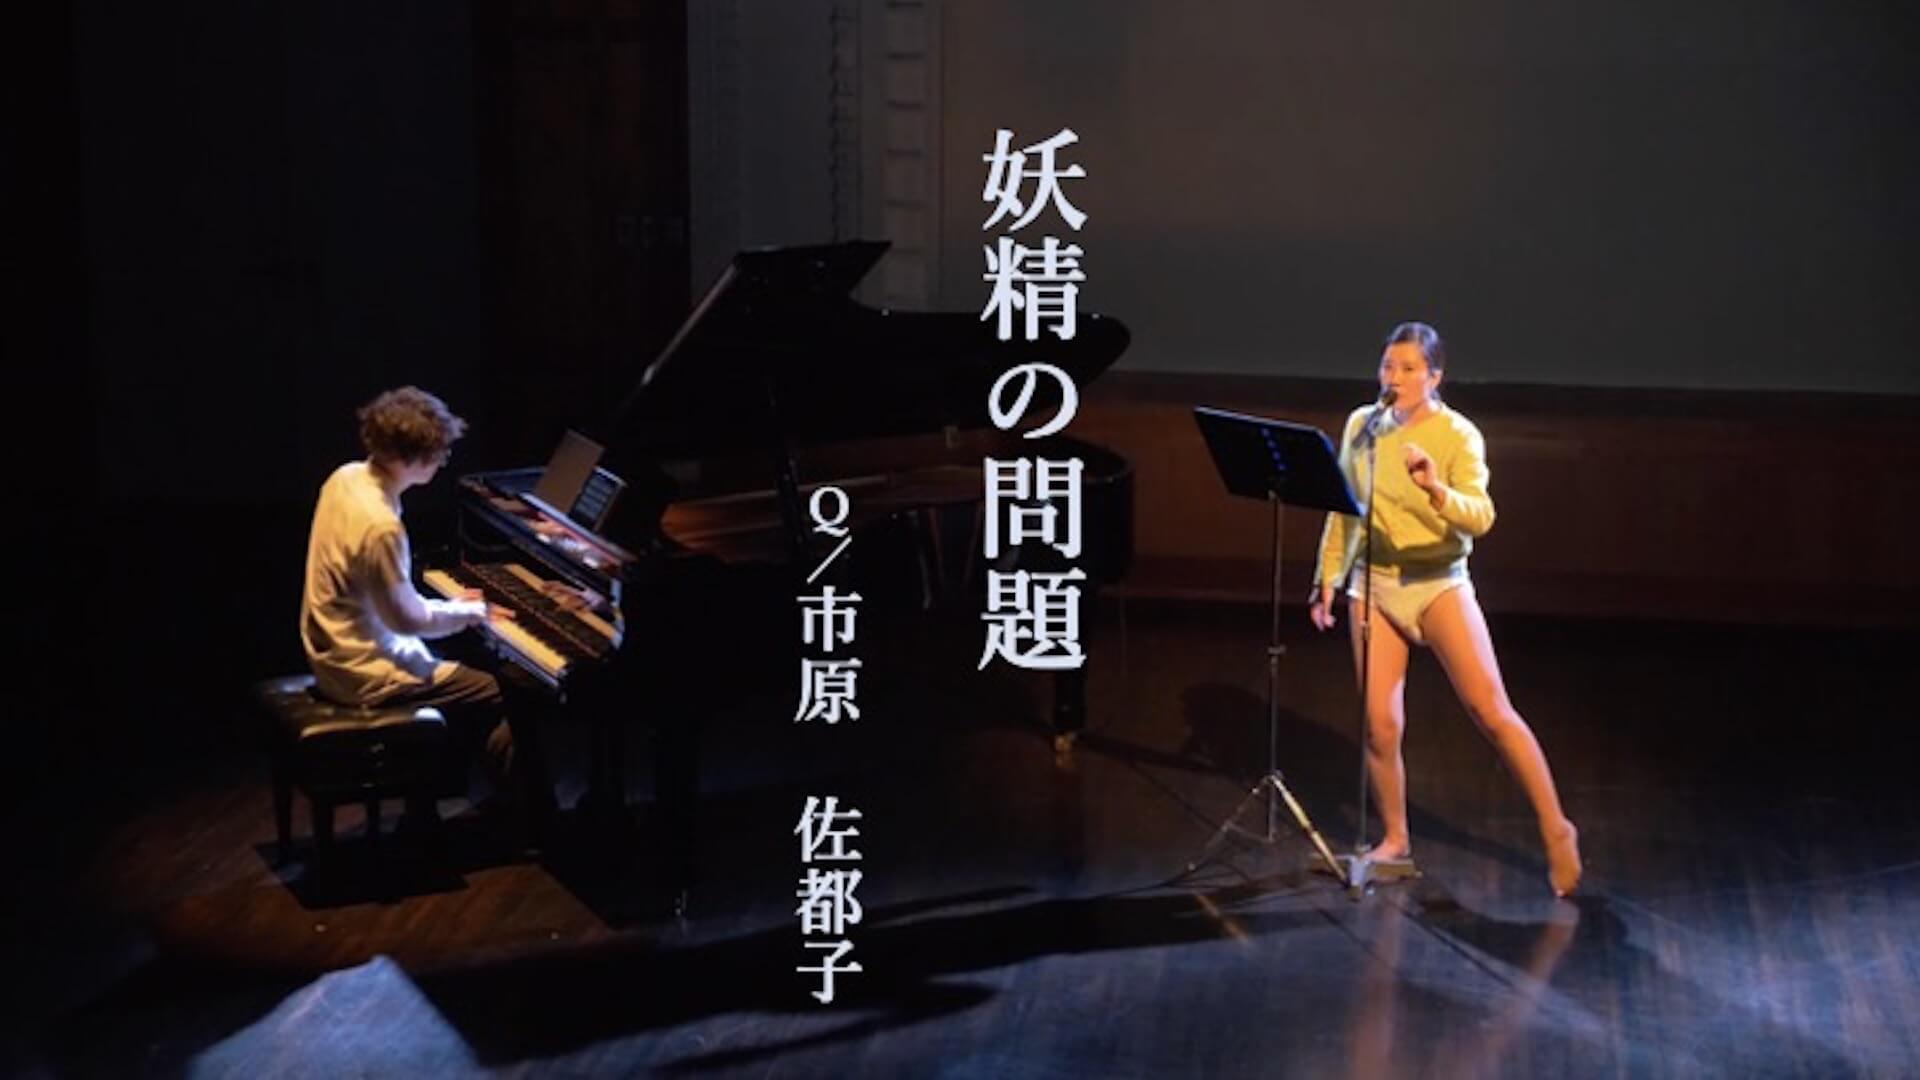 演劇『妖精の問題』が中国とインドネシアの2ヶ国にてオンライン上映決定!劇作家・市原佐都子率いる「Q」による初のオンライン海外ツアー art210512_yousei-no-mondai-210512_4